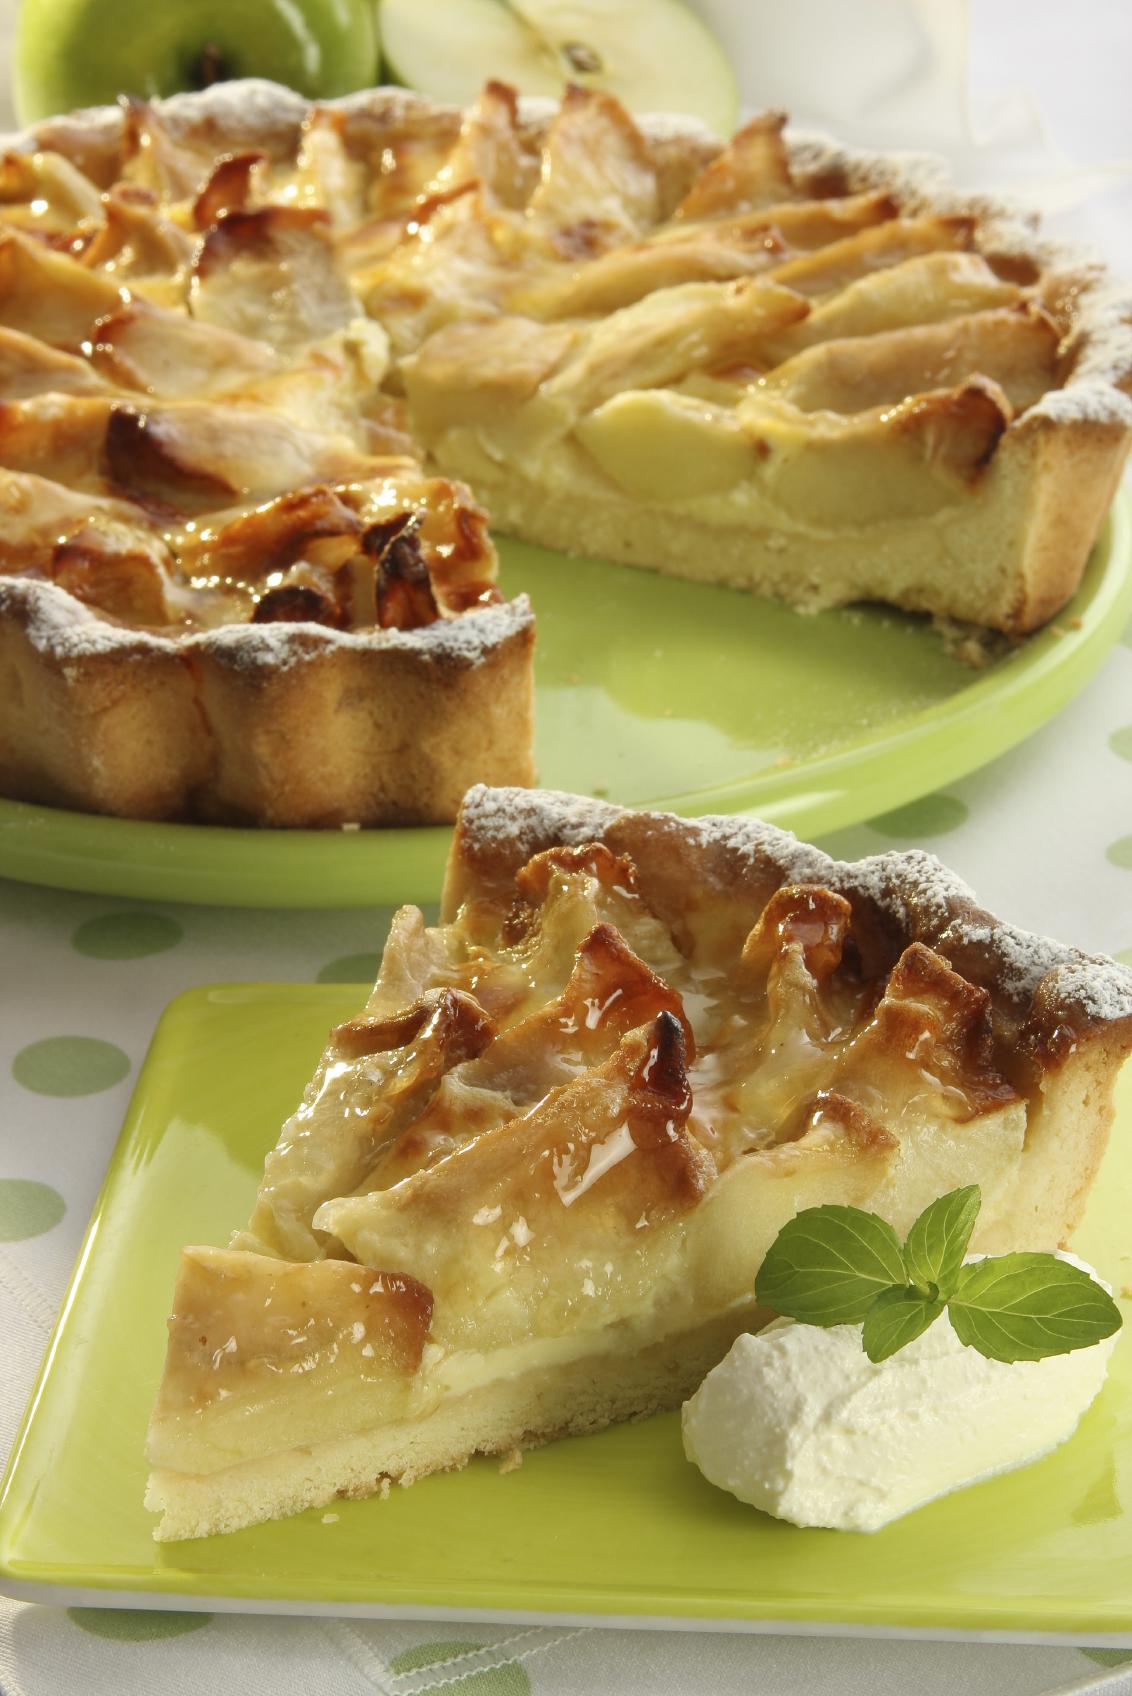 Tarta con crema de castañas, requesón y manzana